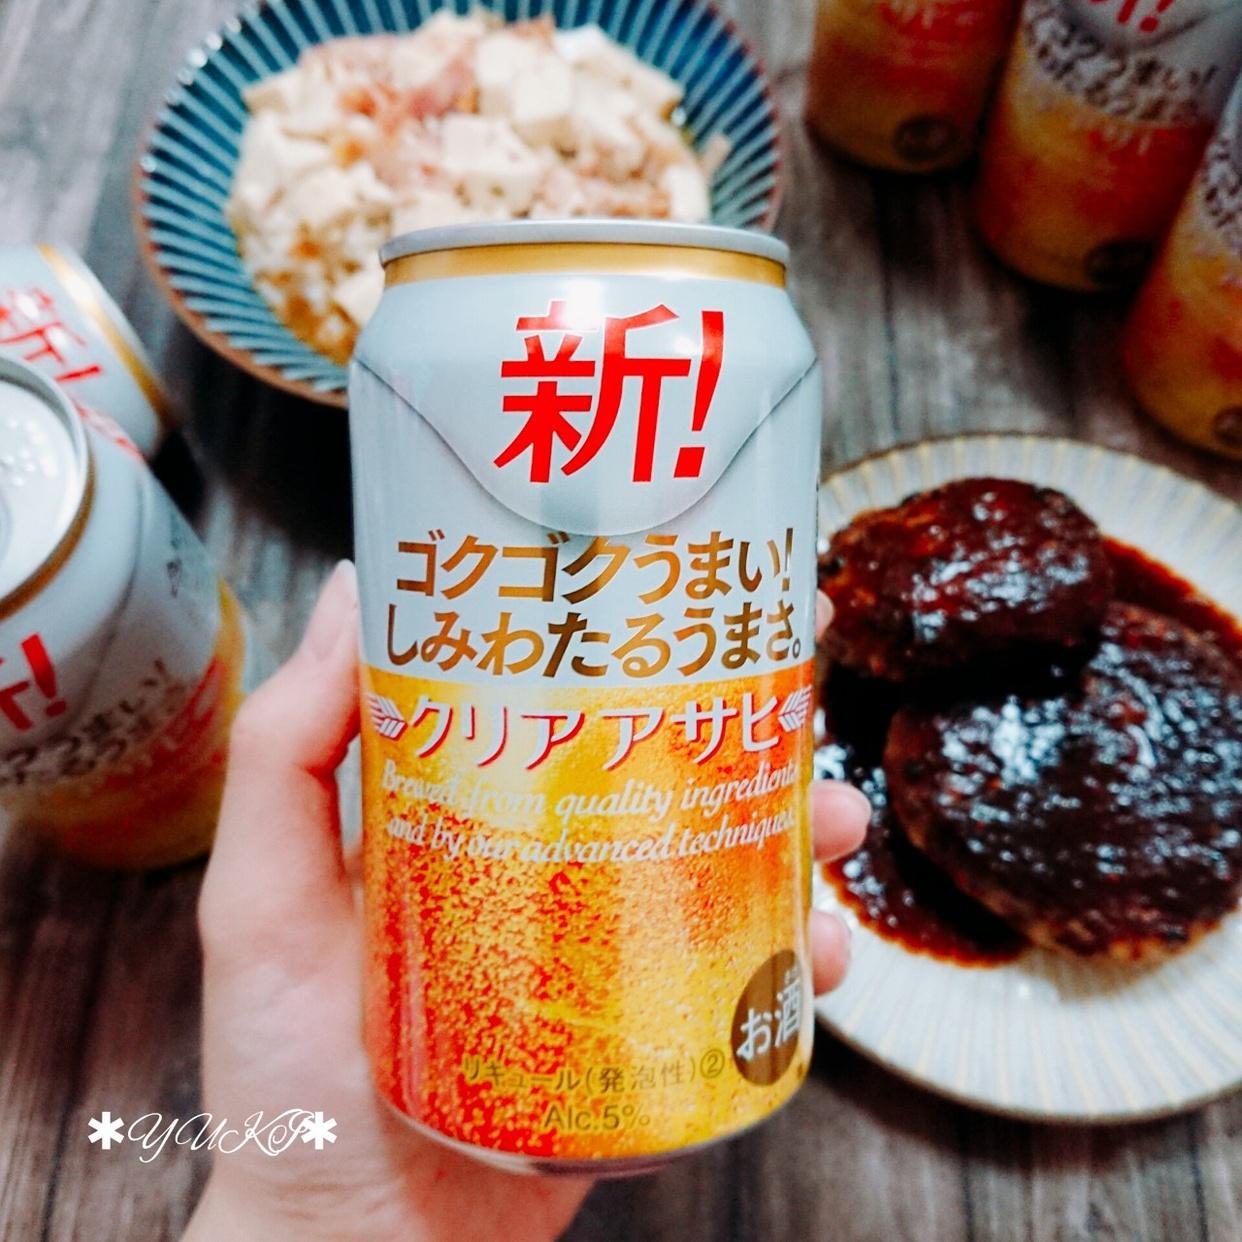 Asahi(アサヒビール) クリアアサヒを使ったYUKIさんのクチコミ画像3